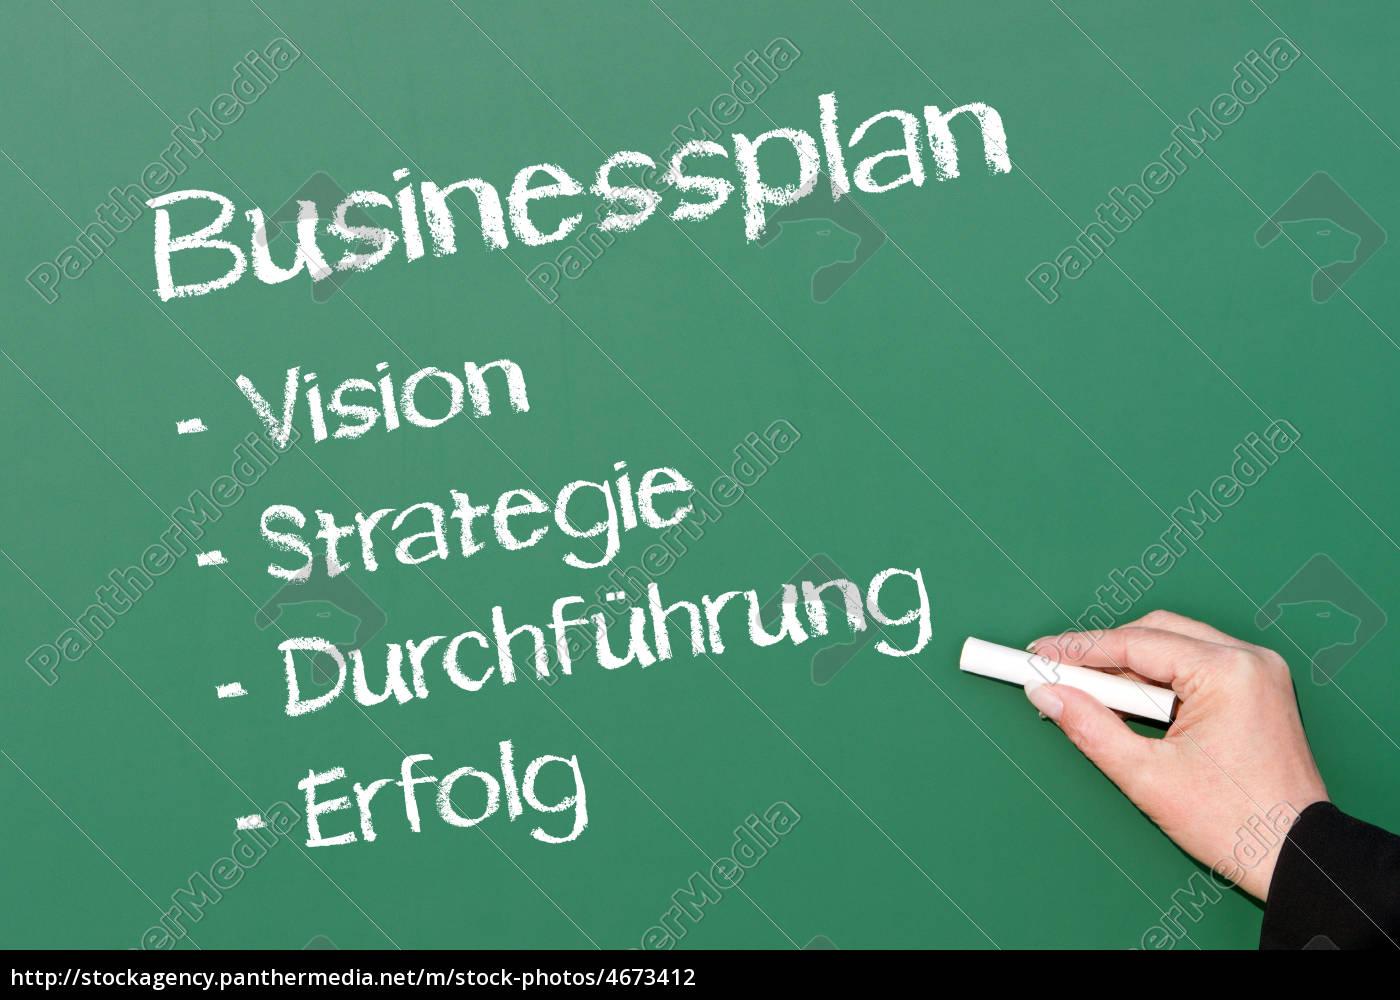 Businessplan - Der Weg zum Erfolg - Lizenzfreies Foto - #4673412 ...